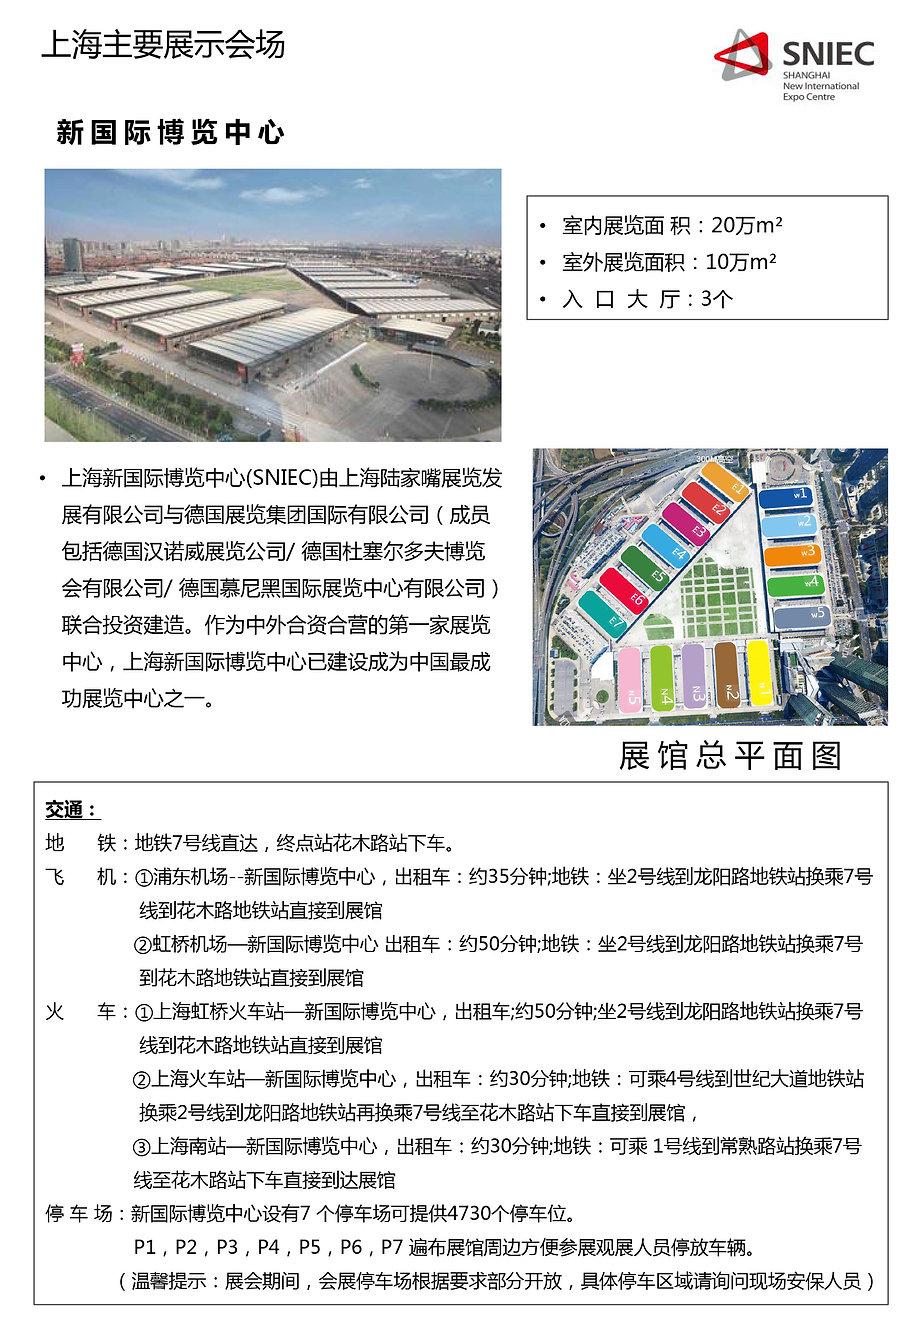 国家馆-新国际-世博馆-周边-3.jpg